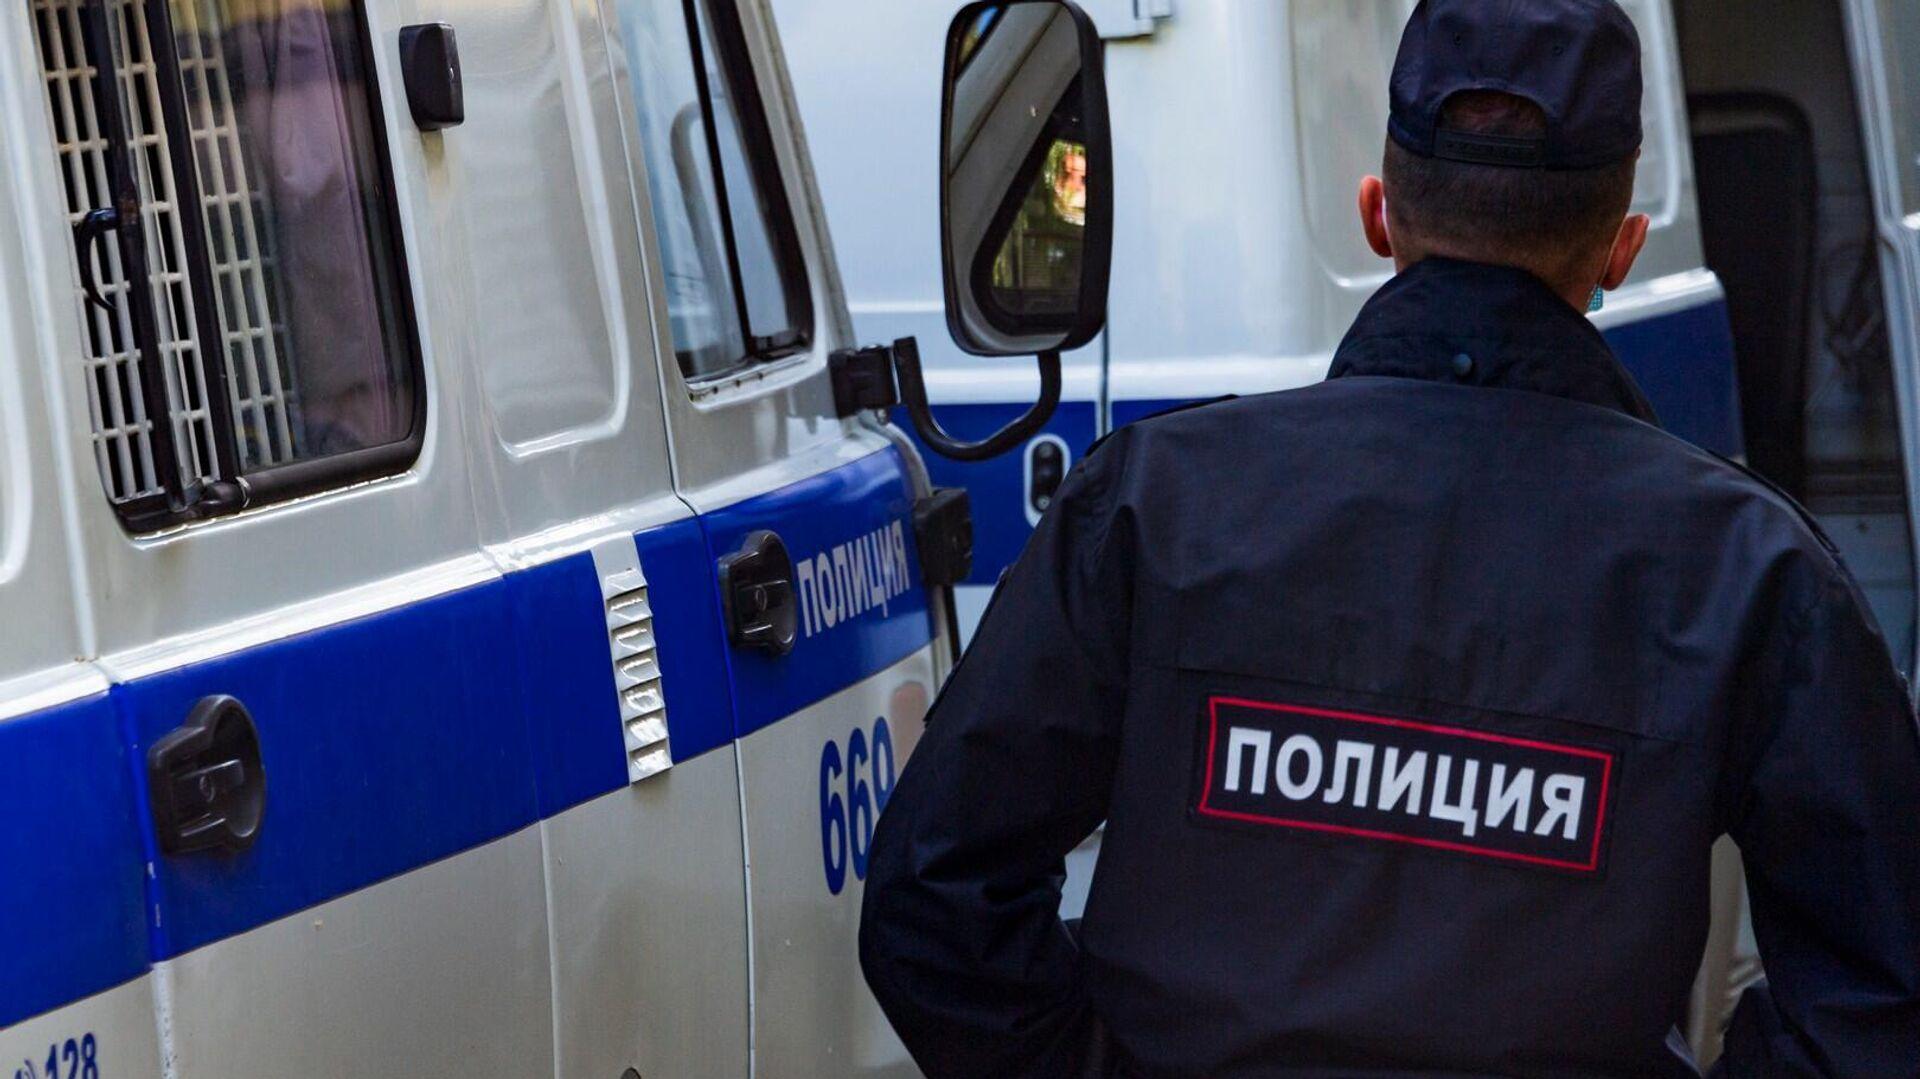 Полиция - РИА Новости, 1920, 15.09.2021